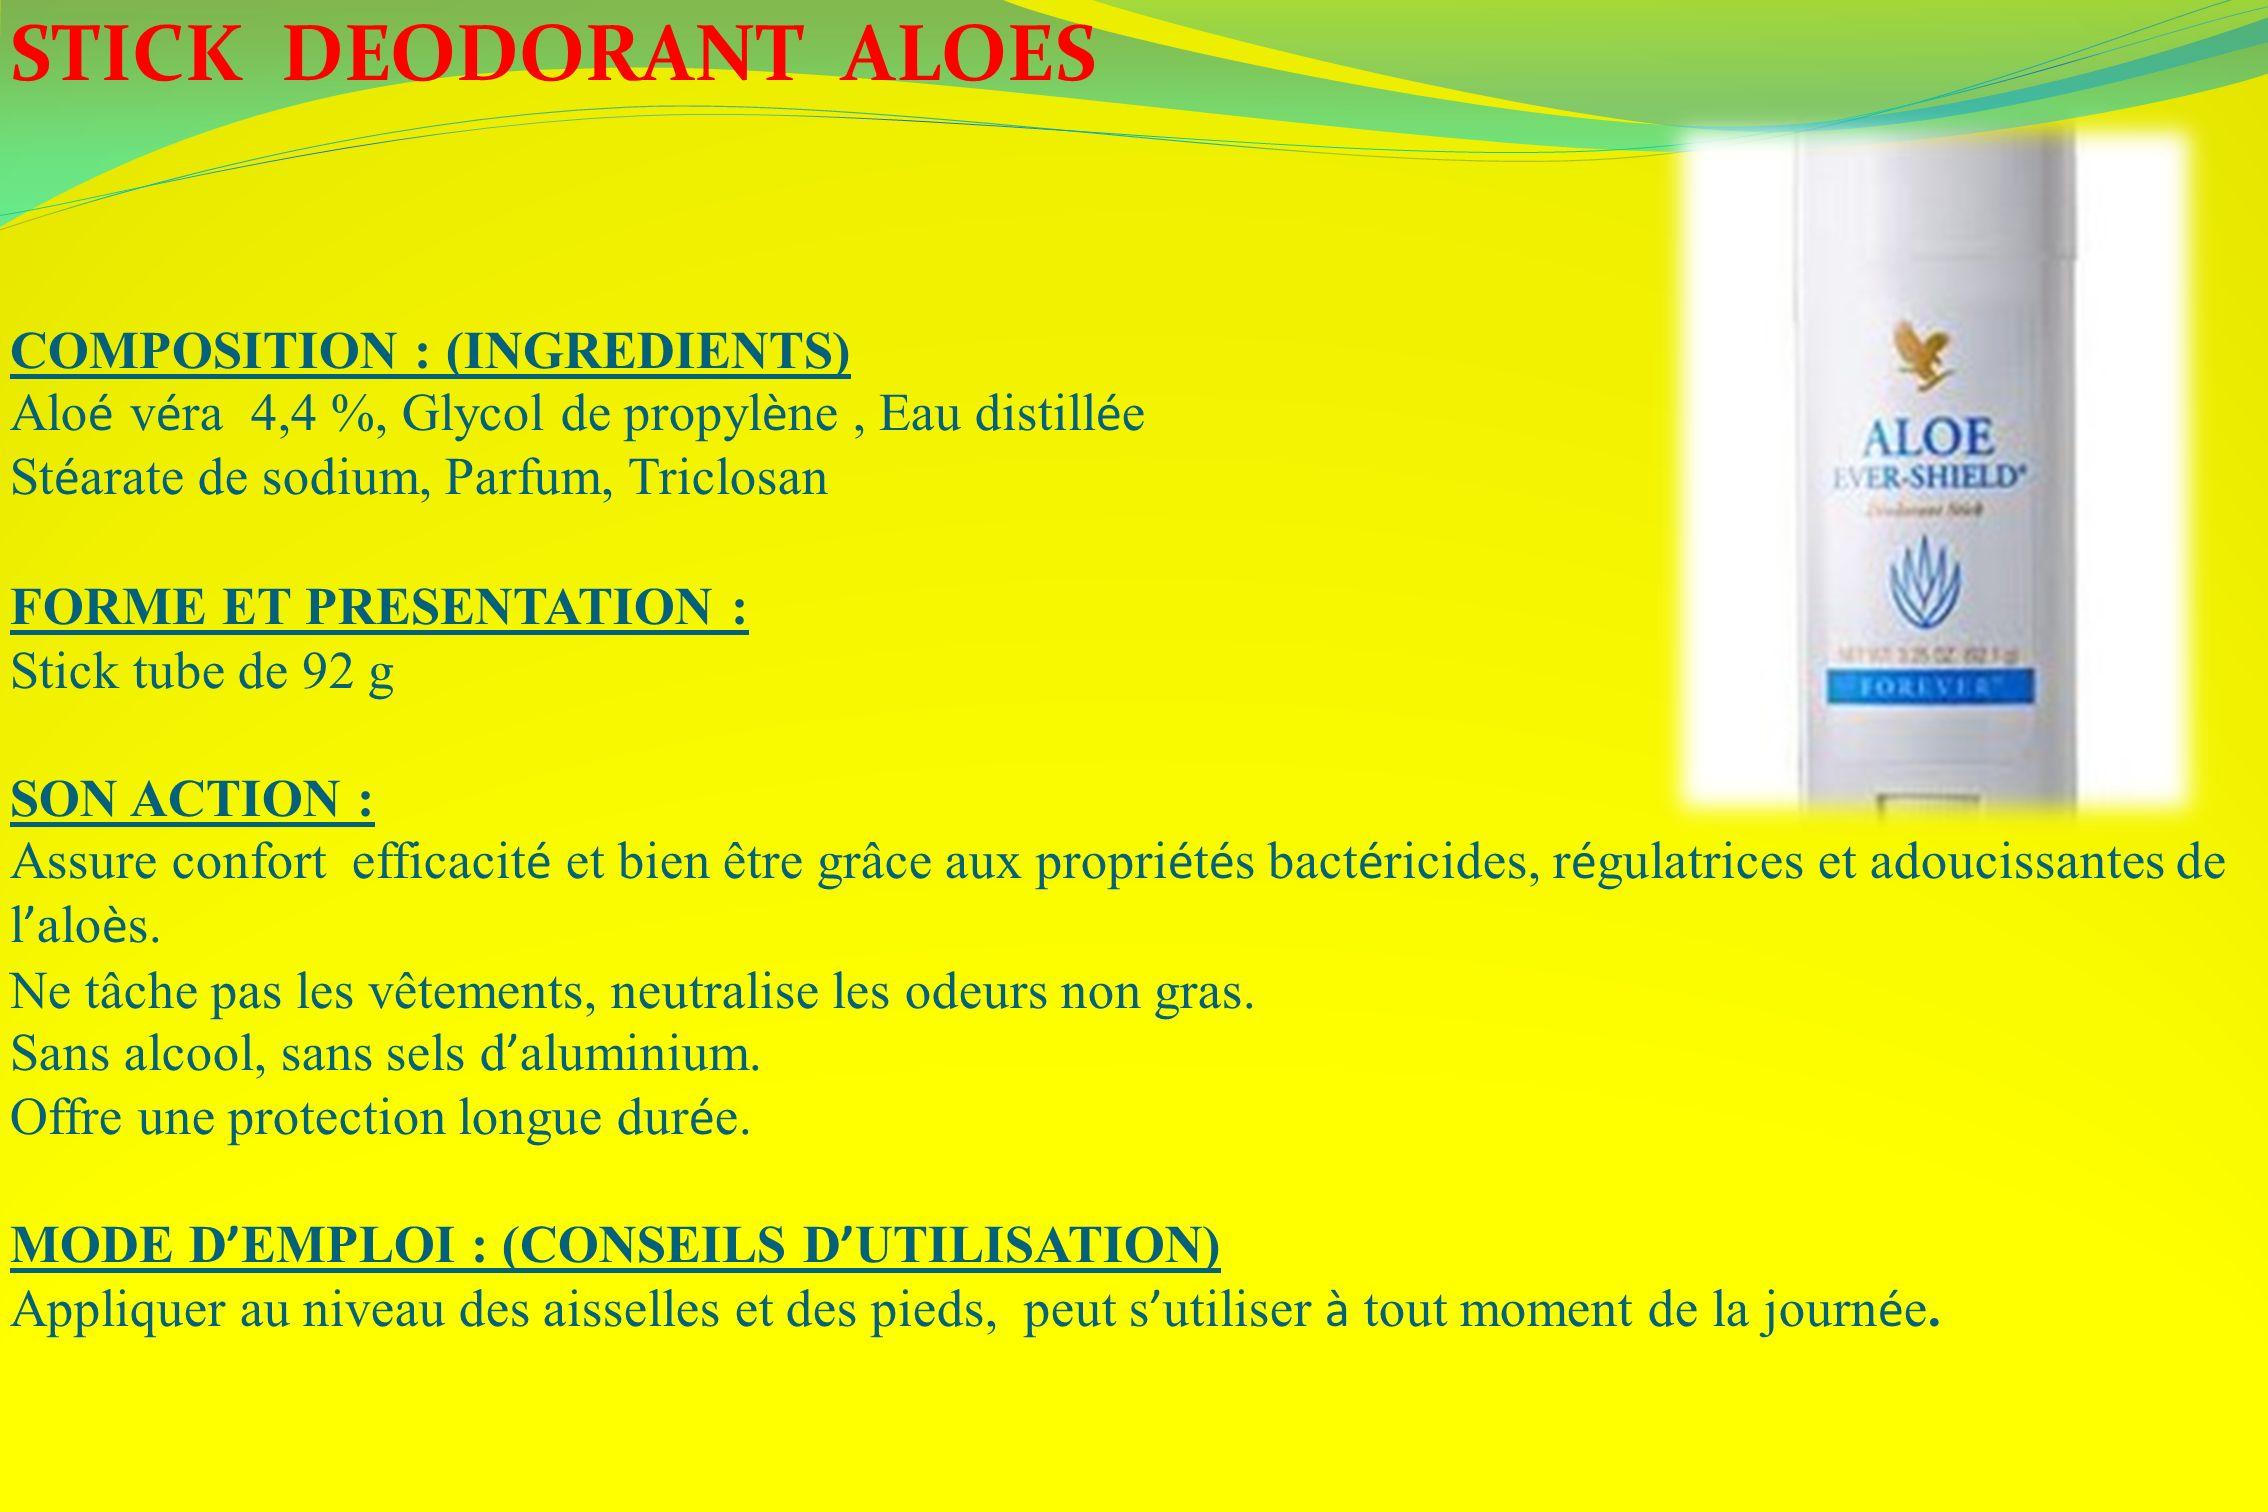 STICK DEODORANT ALOES COMPOSITION : (INGREDIENTS) Alo é v é ra 4,4 %, Glycol de propyl è ne, Eau distill é e St é arate de sodium, Parfum, Triclosan F